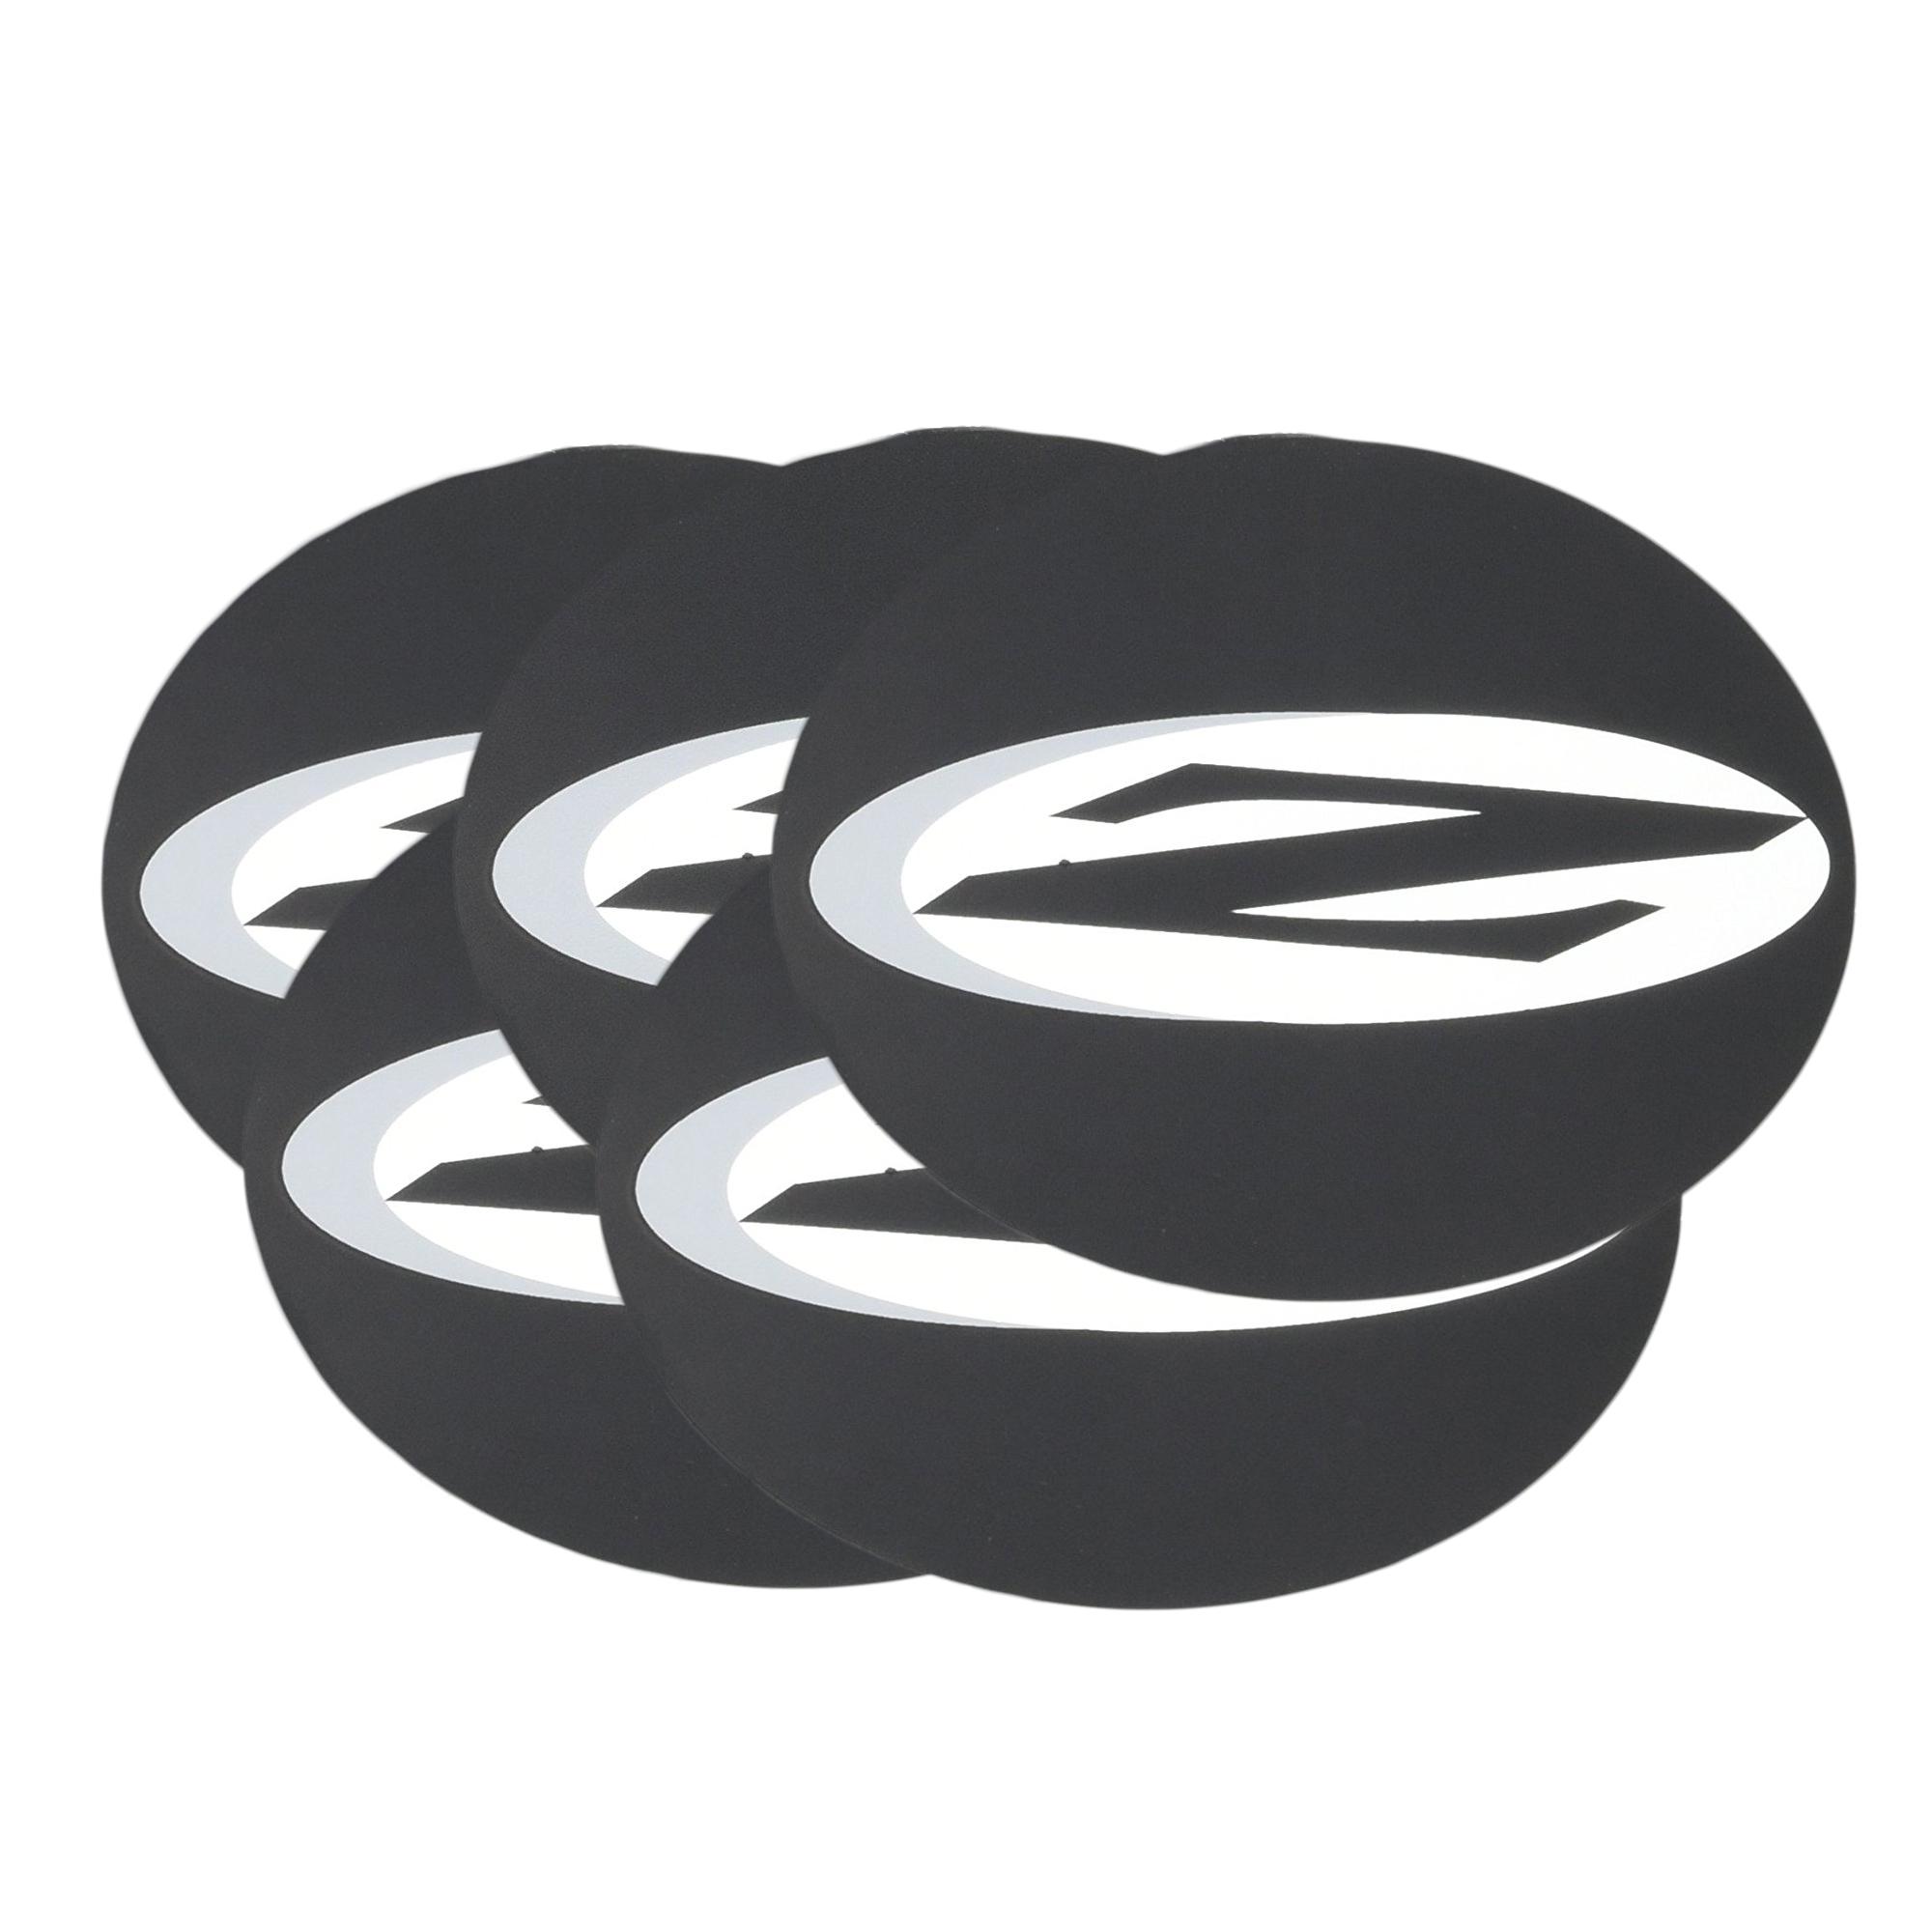 Details about zipp disc valve hole cover sticker kit black 5 pieces